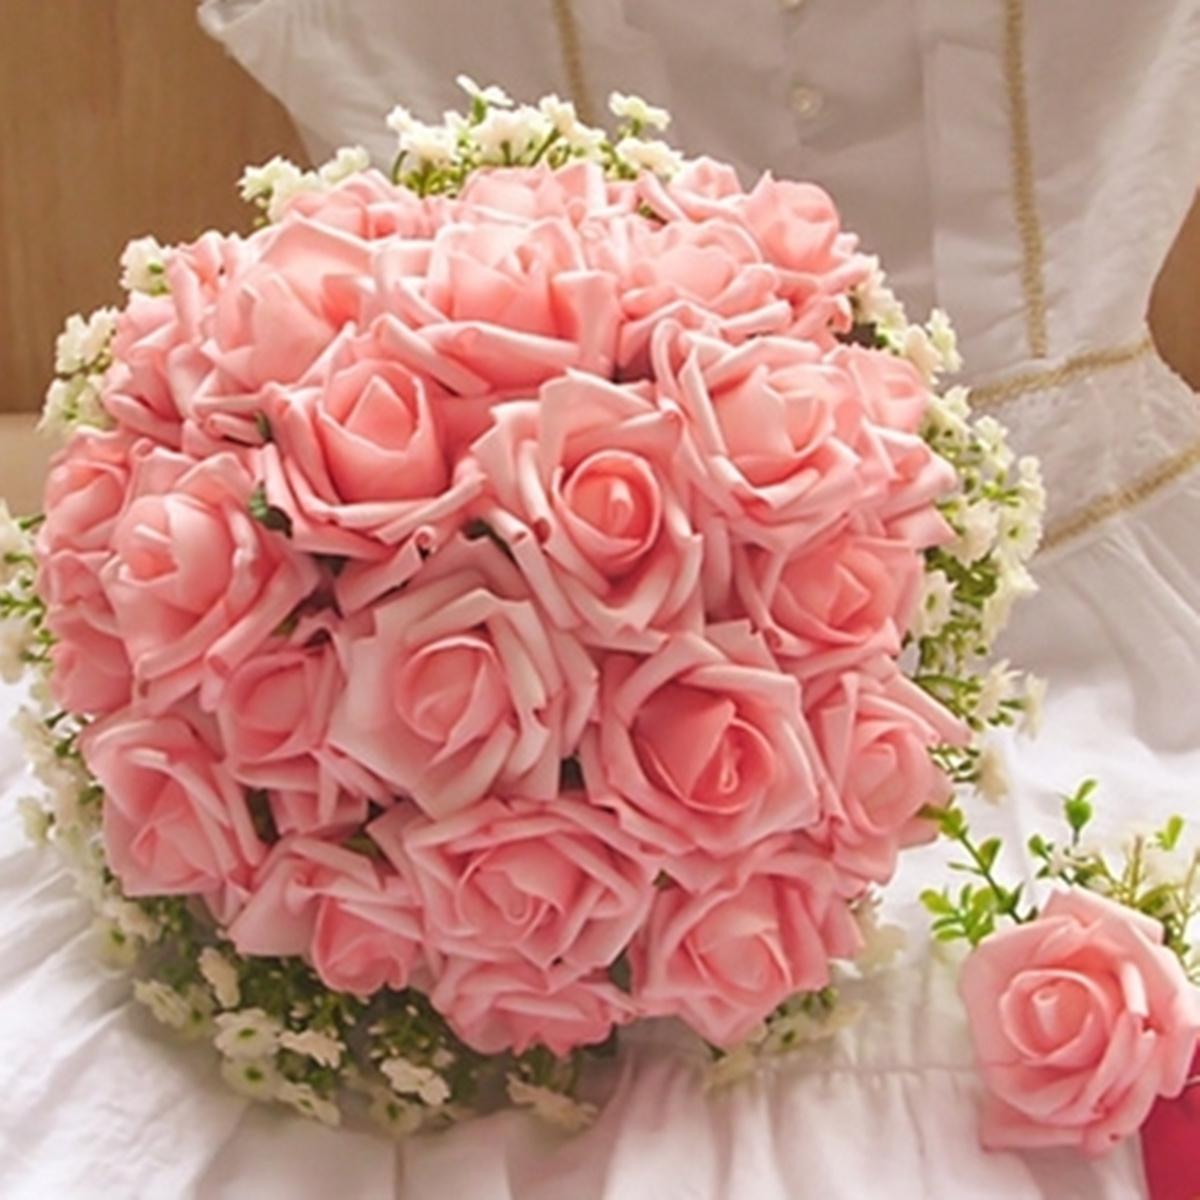 50pcs bouquet fleur rose artificielle feuille mousse. Black Bedroom Furniture Sets. Home Design Ideas